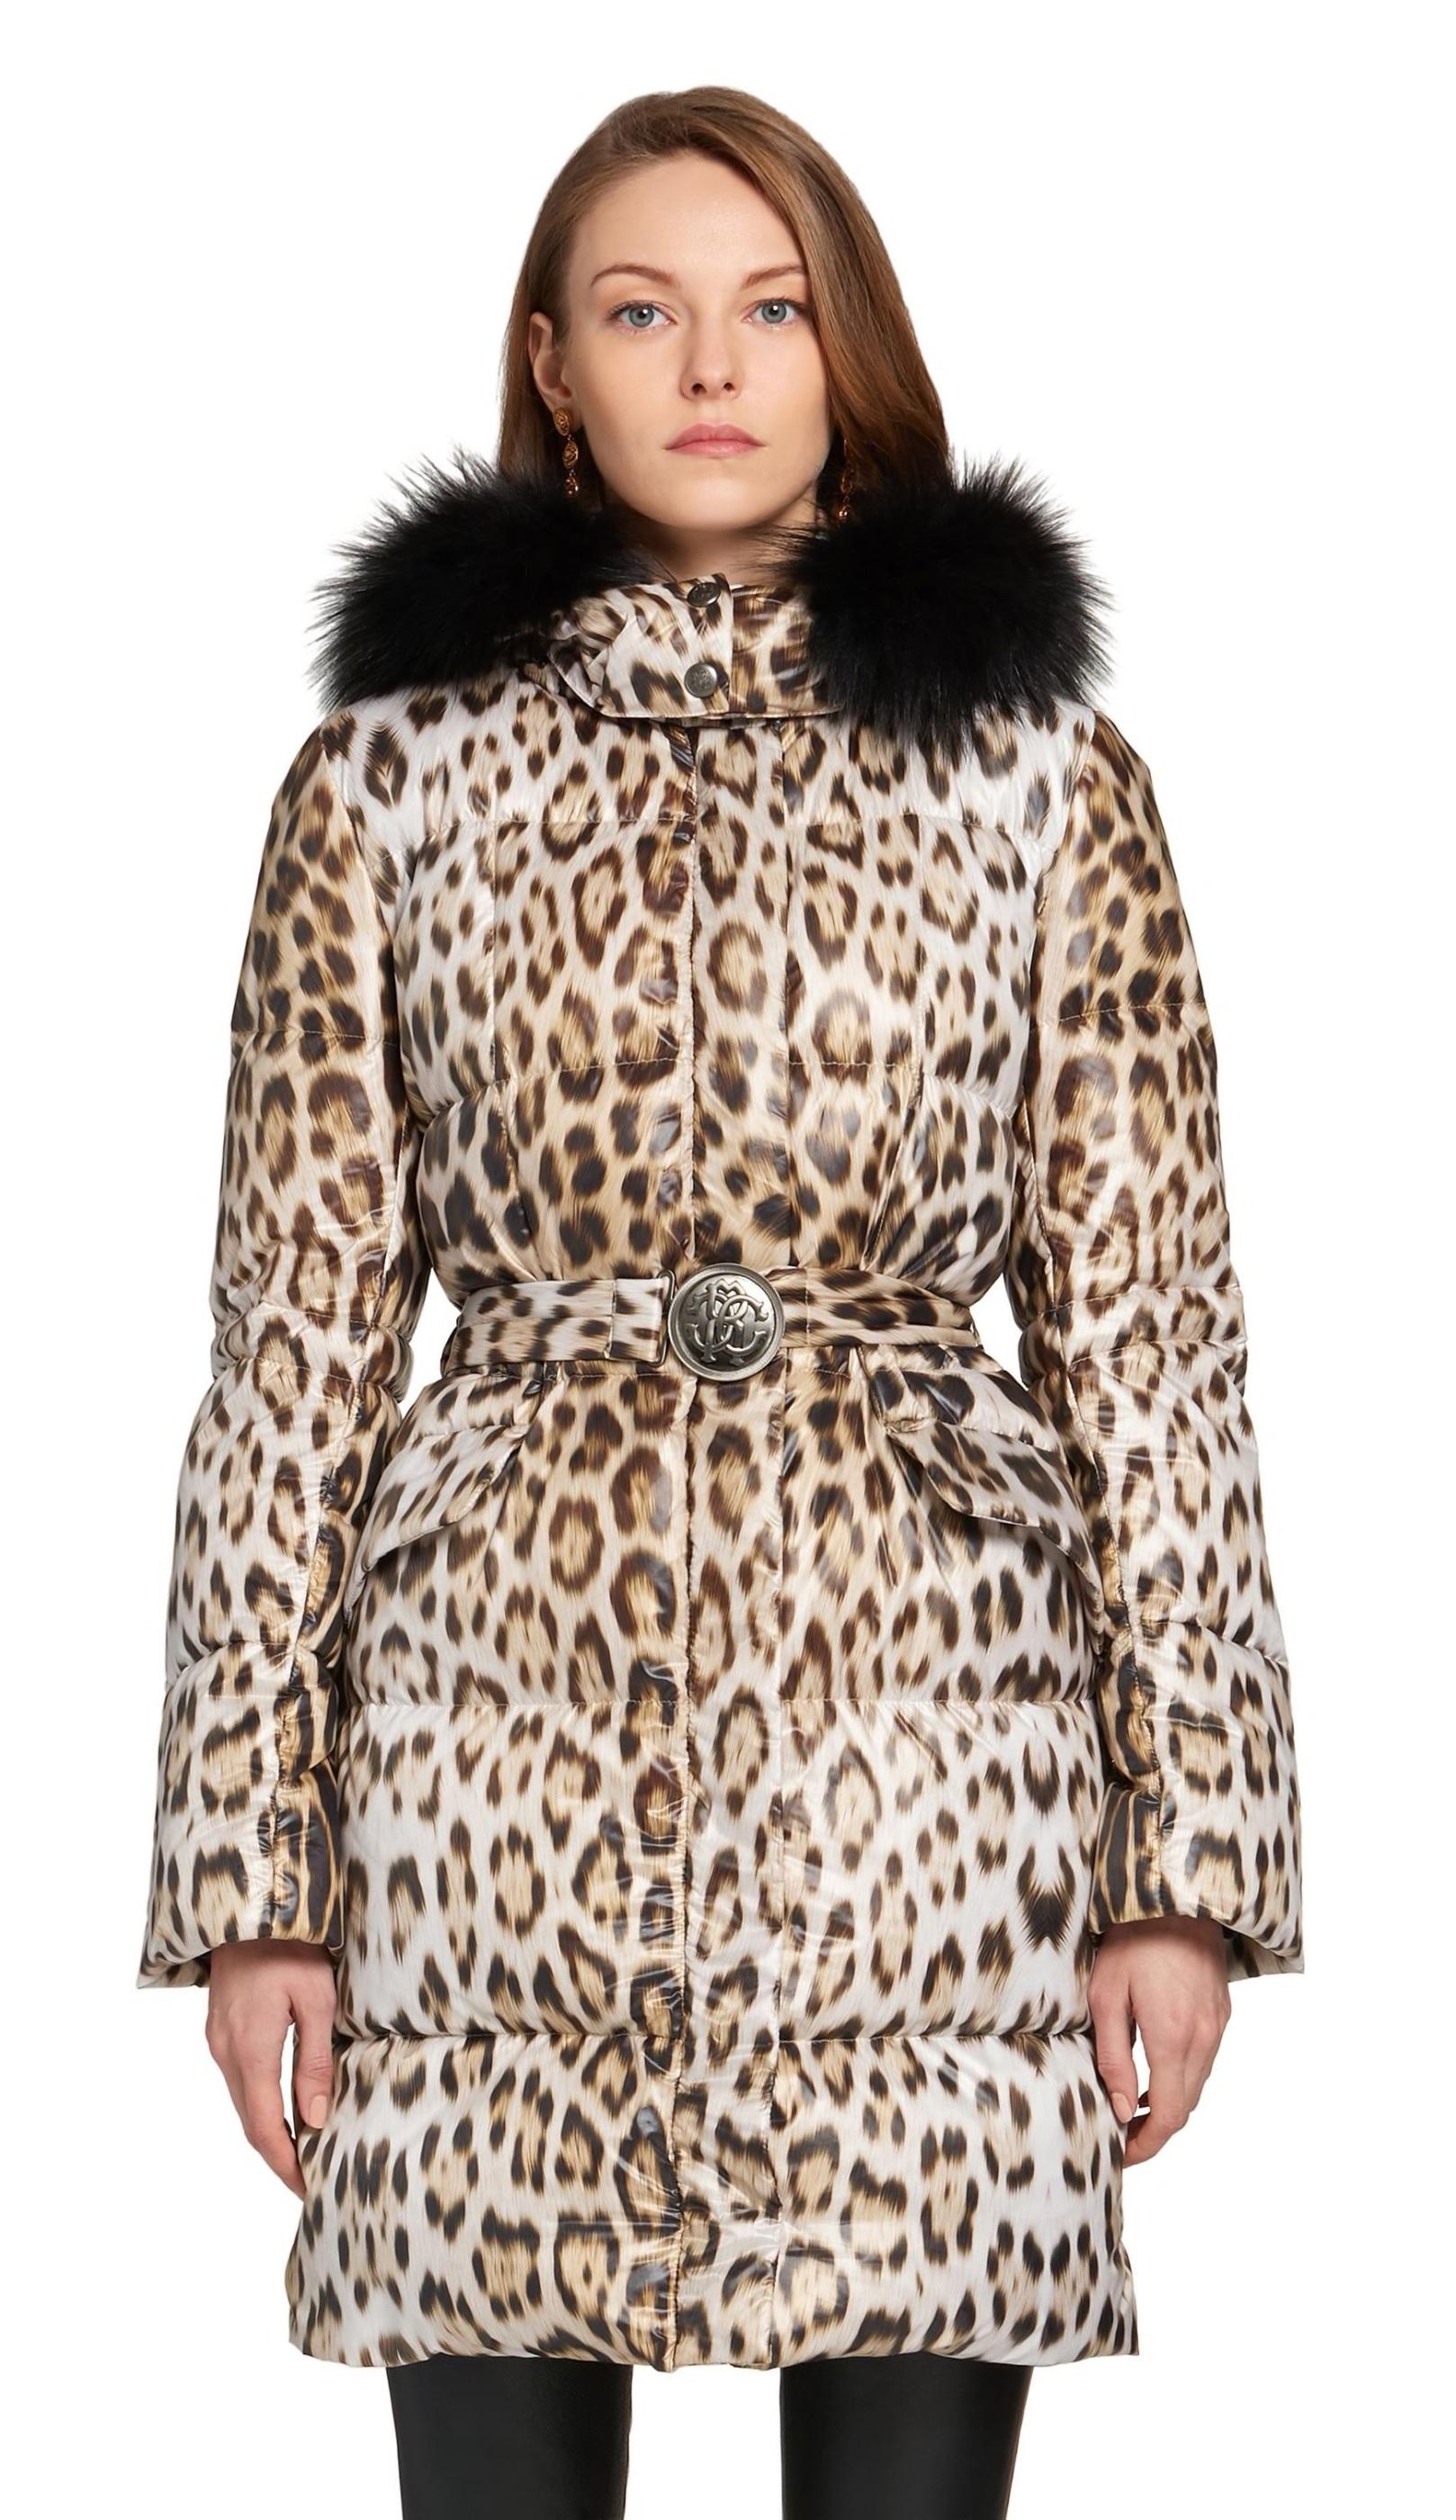 roberto-cavalli-heritage-jaguar-padded-jacket_13753547_18908094_2048.jpg